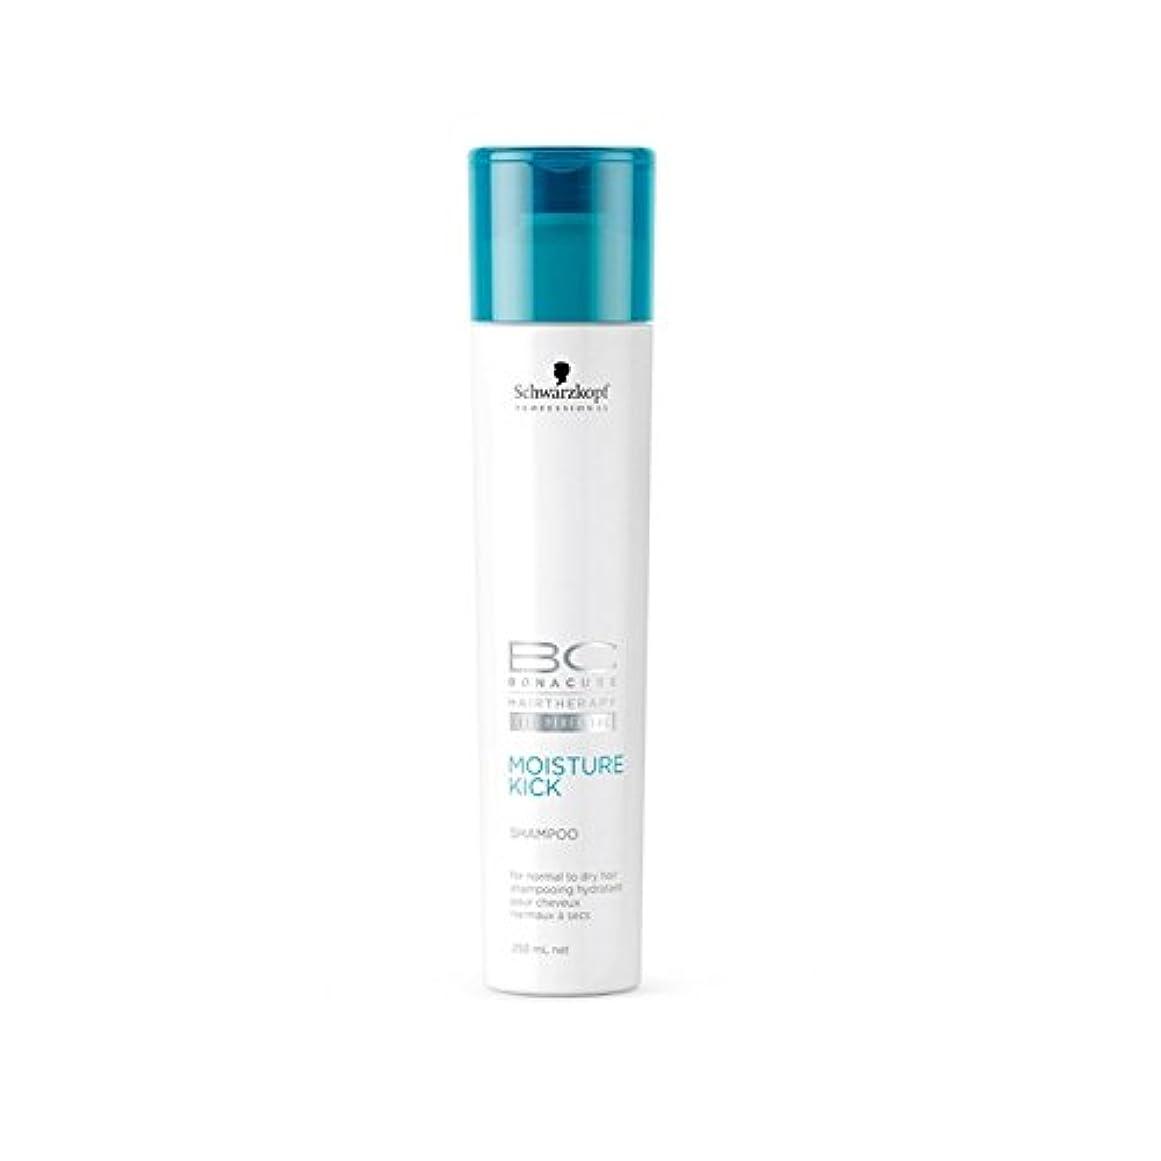 欠員聖書リテラシーSchwarzkopf Bc Hairtherapy Moisture Kick Shampoo (250ml) (Pack of 6) - シュワルツコフ 水分キックシャンプー(250ミリリットル) x6 [並行輸入品]